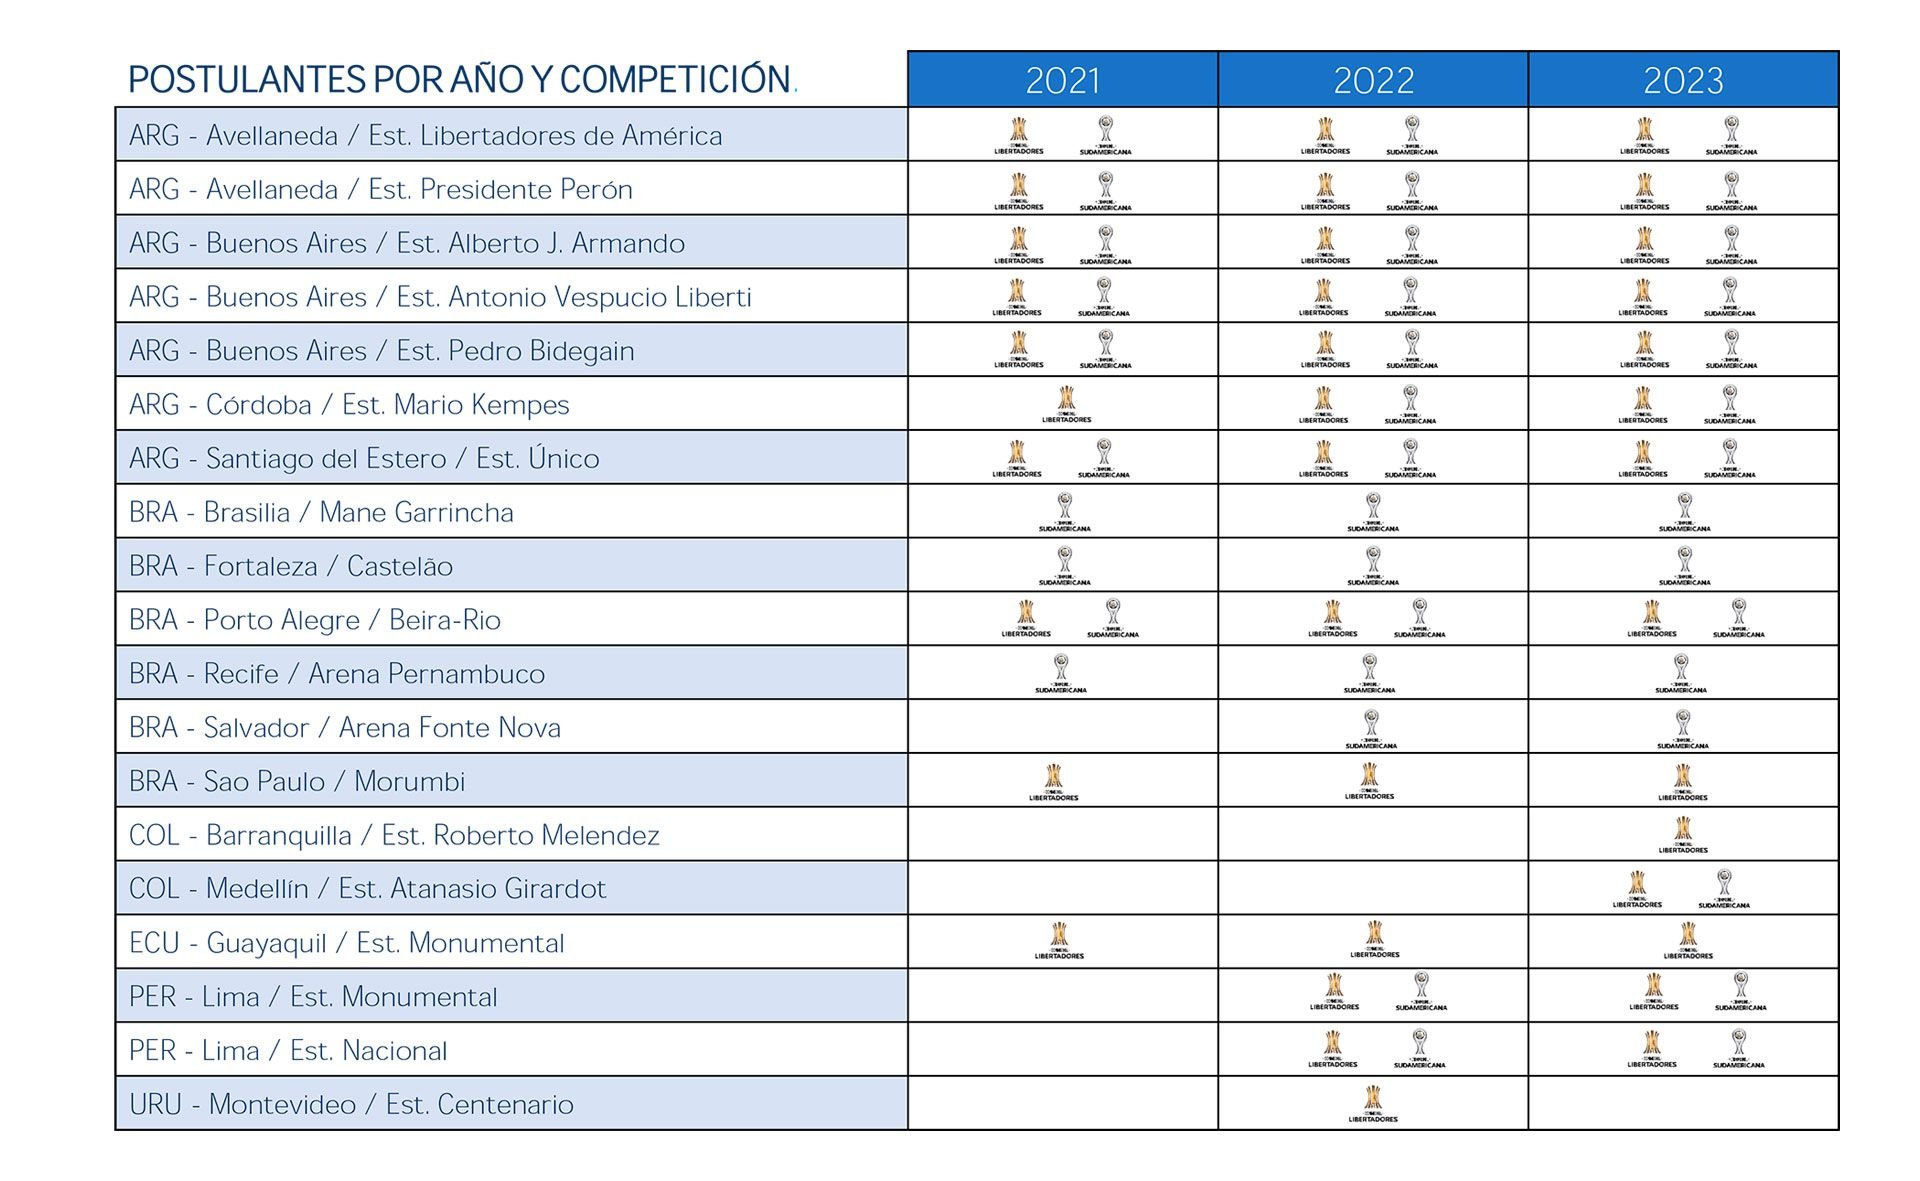 gráfico estadios candidatos a finales de Libertadores y Sudamericana